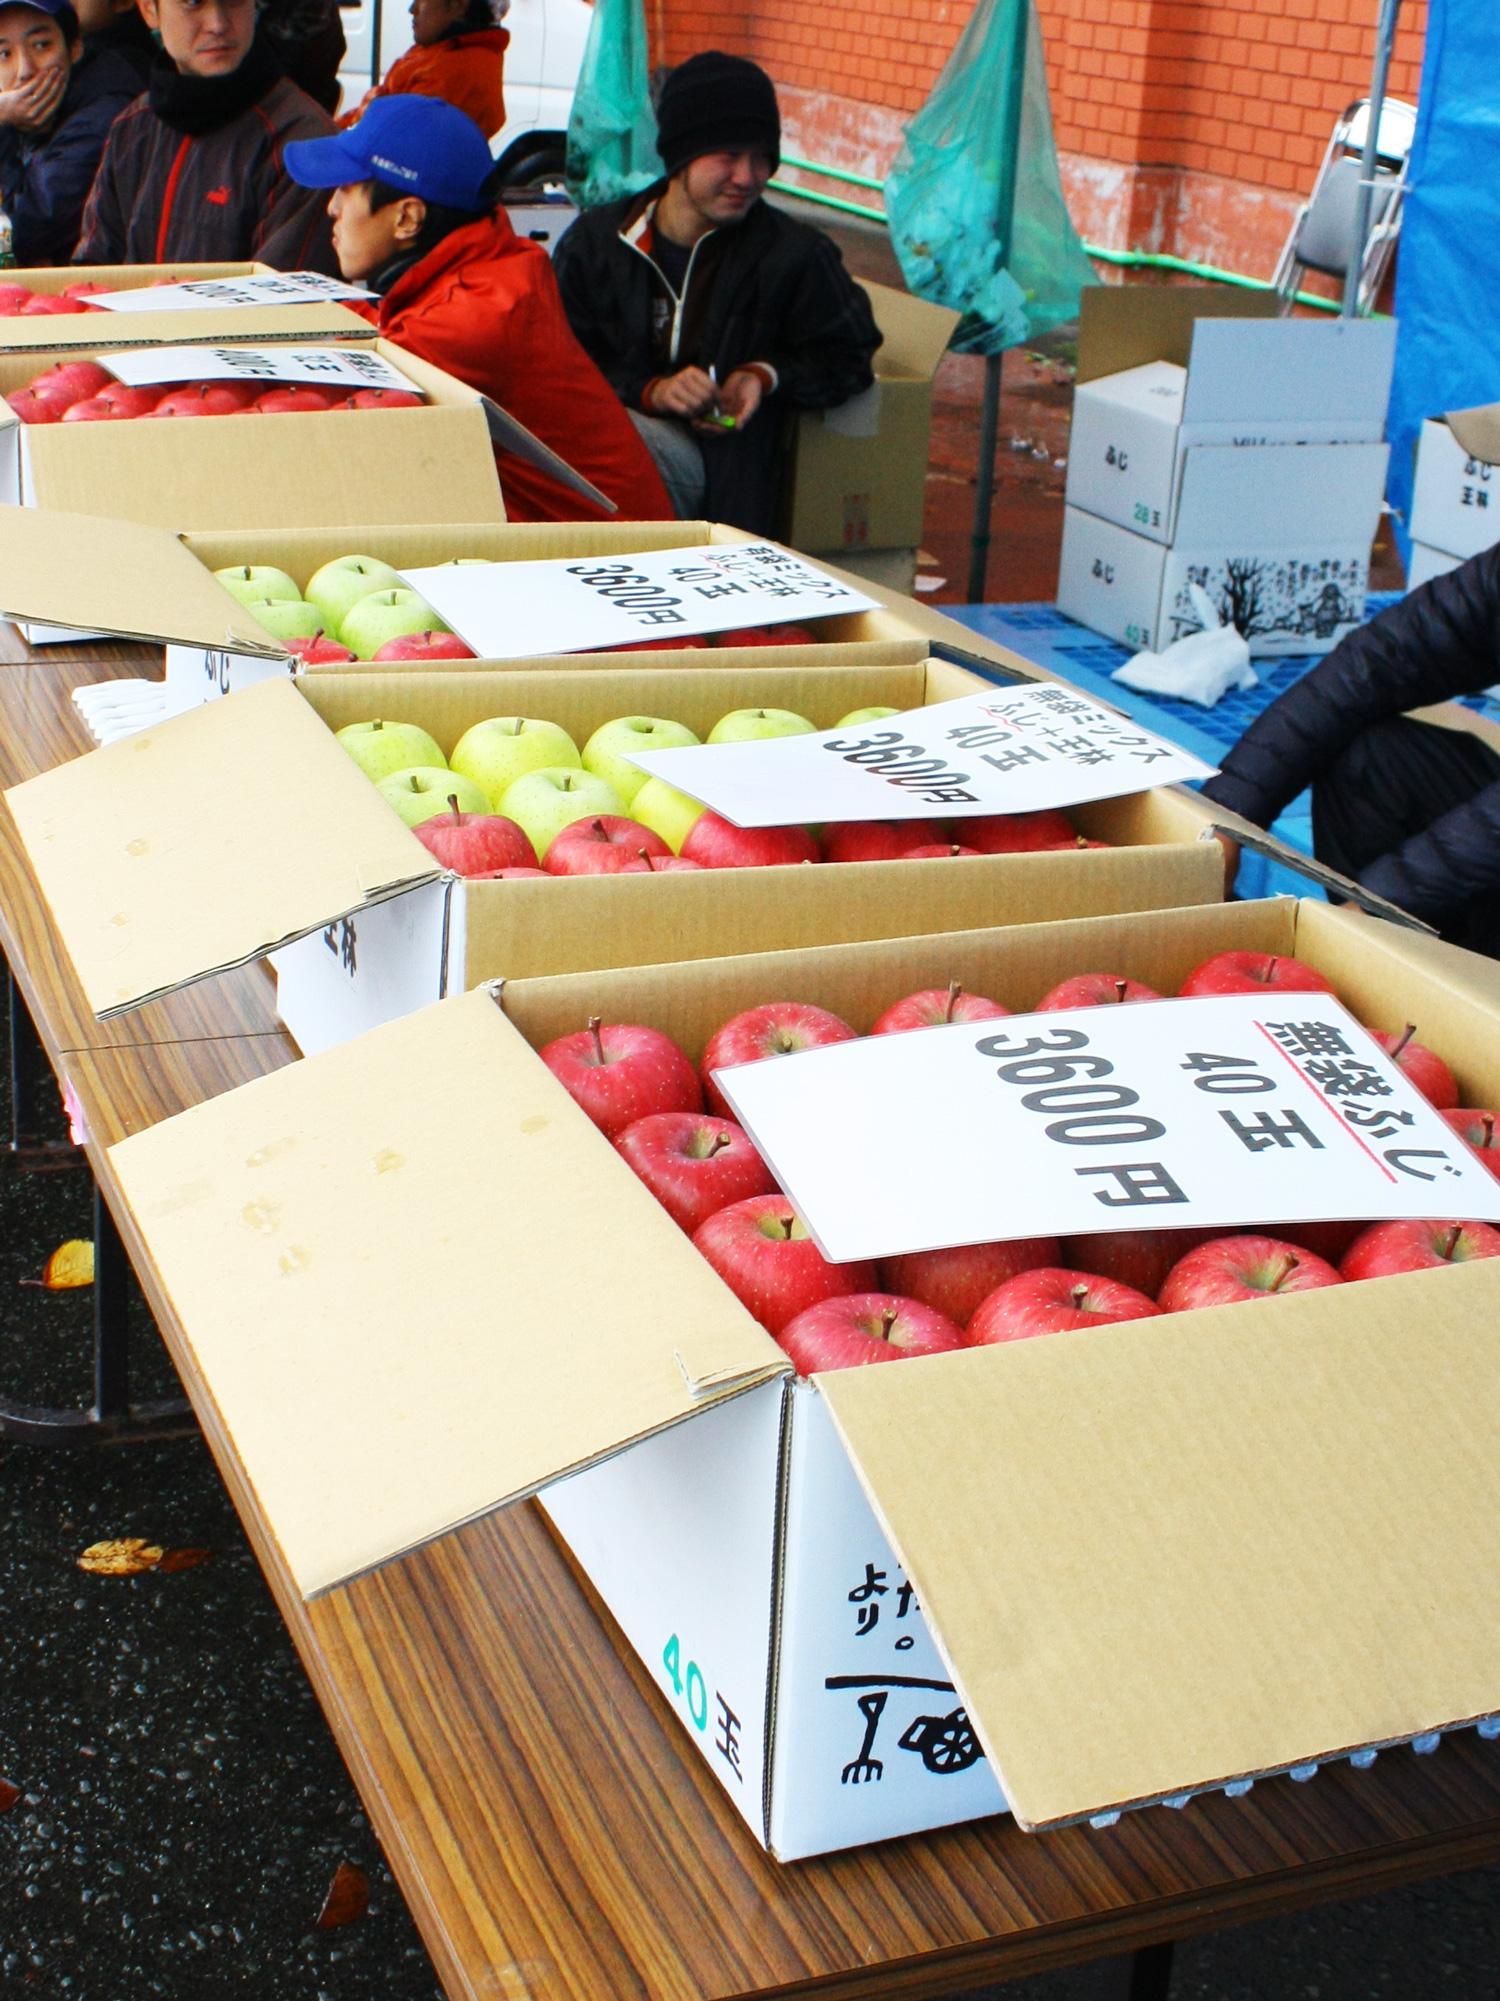 鶴田町民文化祭では、つがる、千秋、紅玉、世界一、ジョナゴールド、北斗、サン陸奥、陸奥、サンふじ、ふじ、など様々なリンゴが販売される。